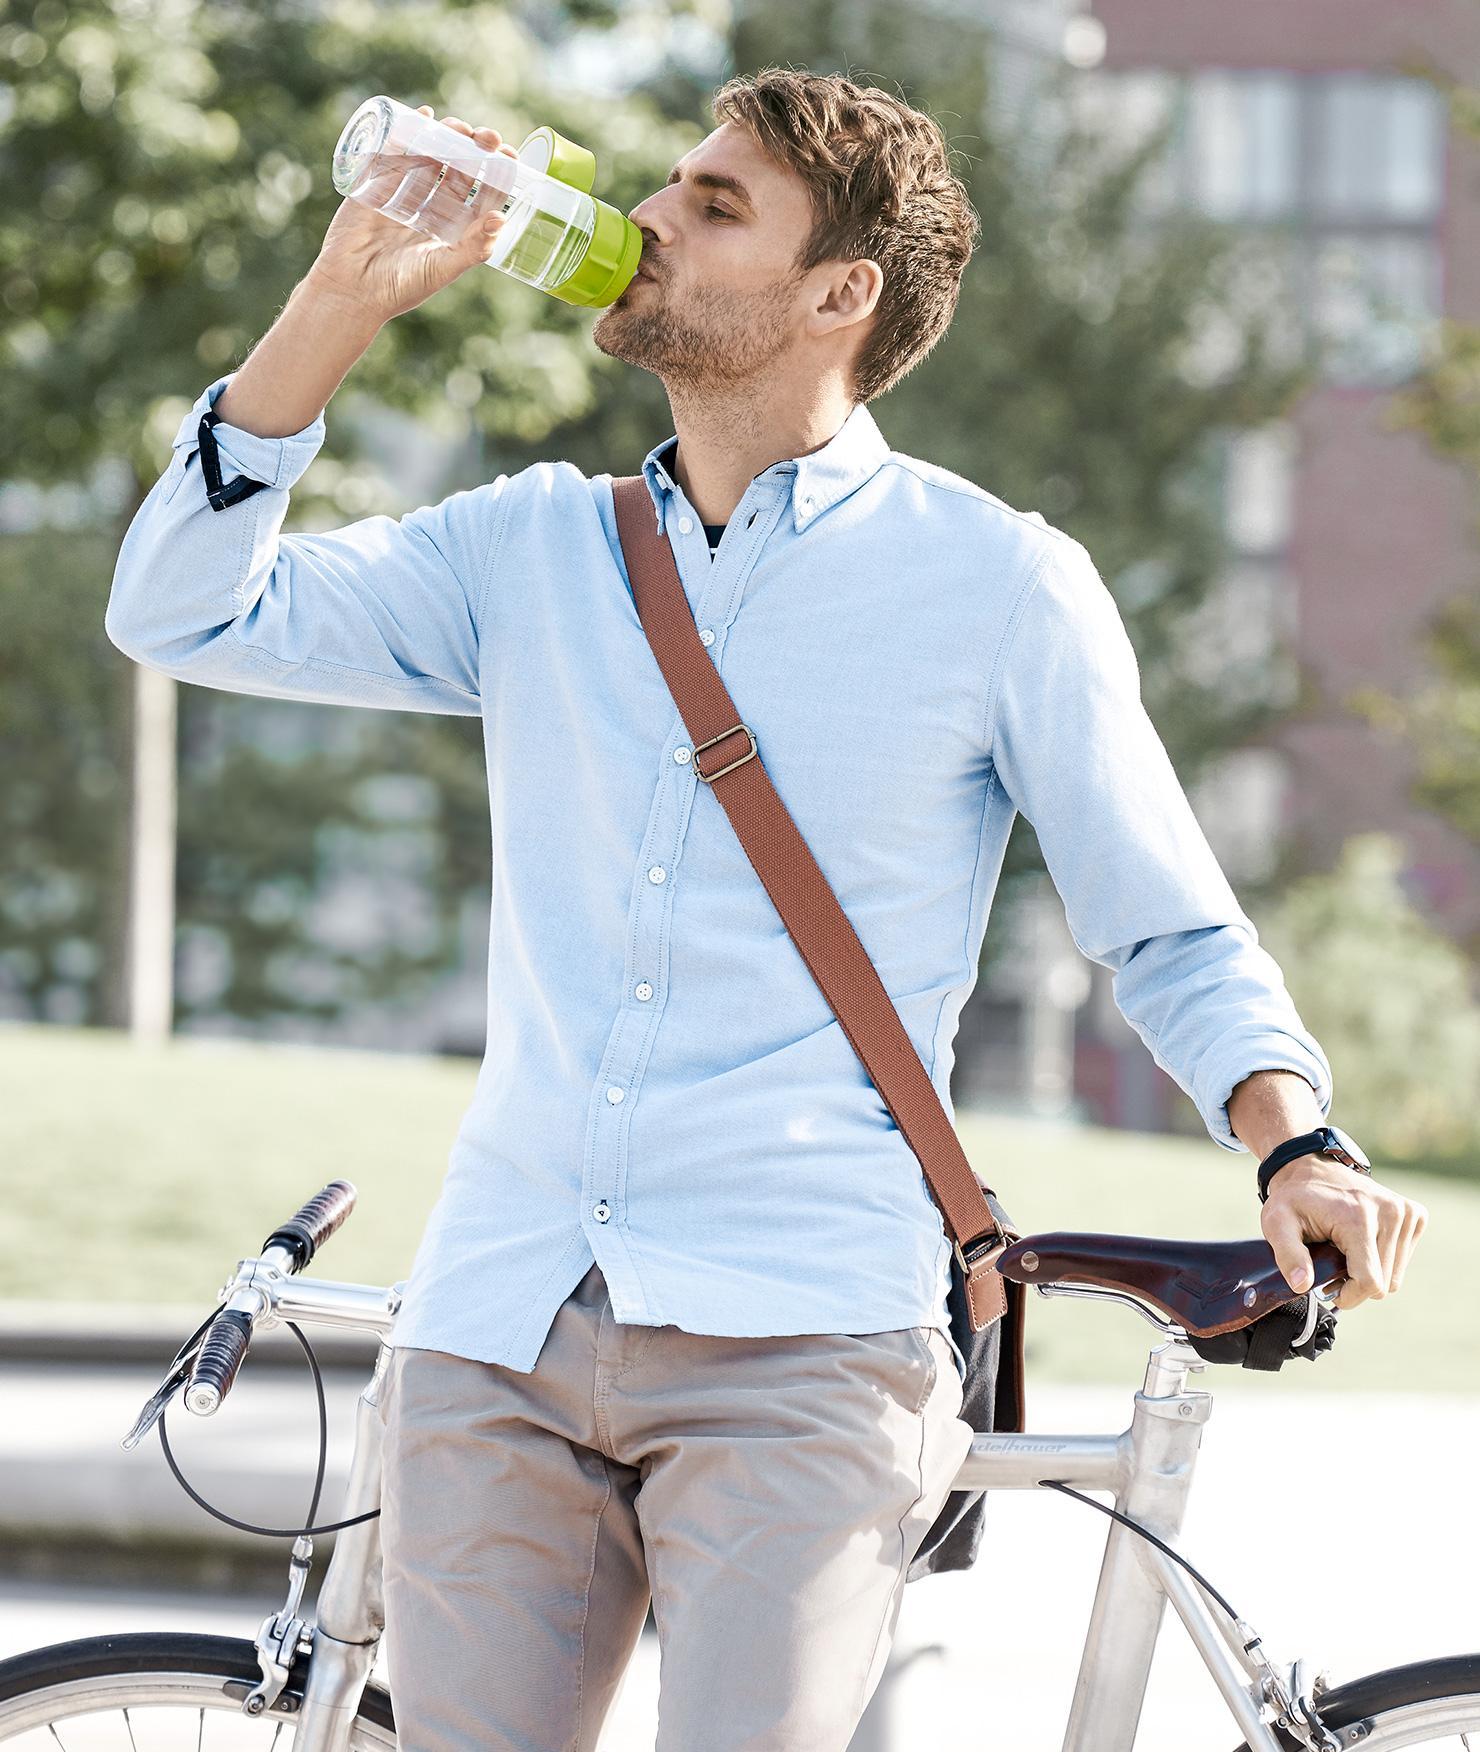 BRITA pianeta più sano uomo bicicletta beve acqua